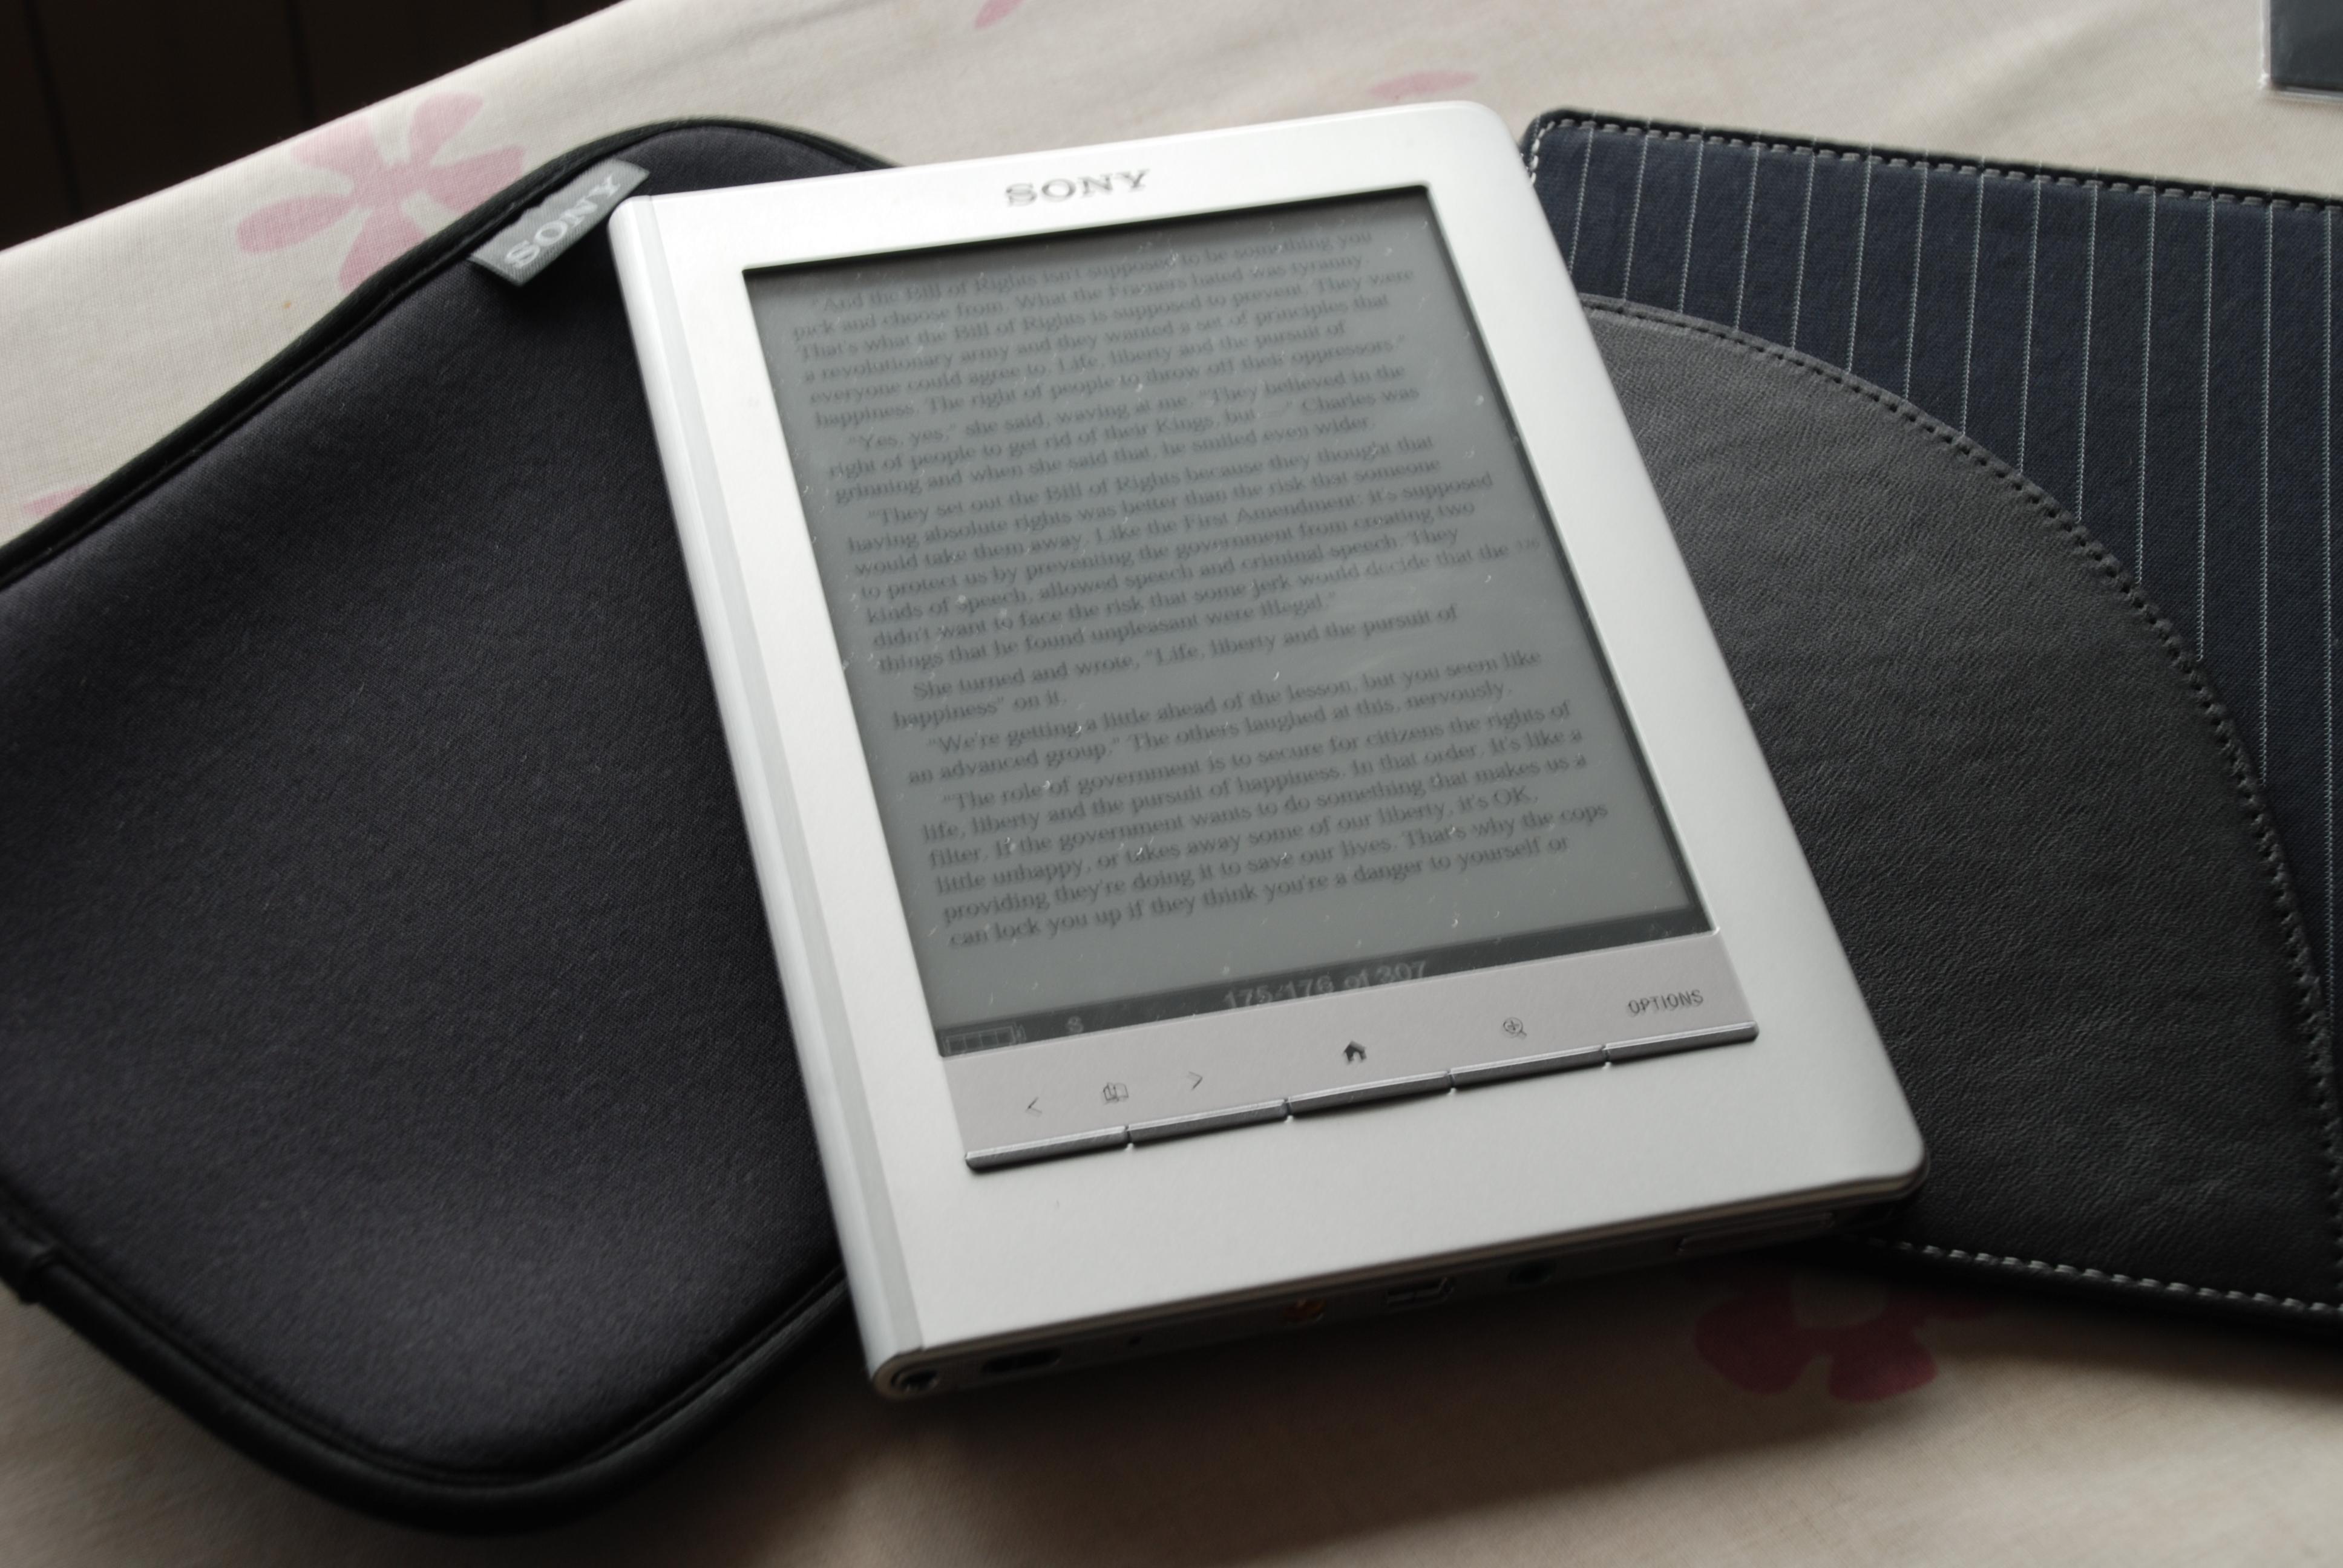 sony ebook reader prs 300 manual